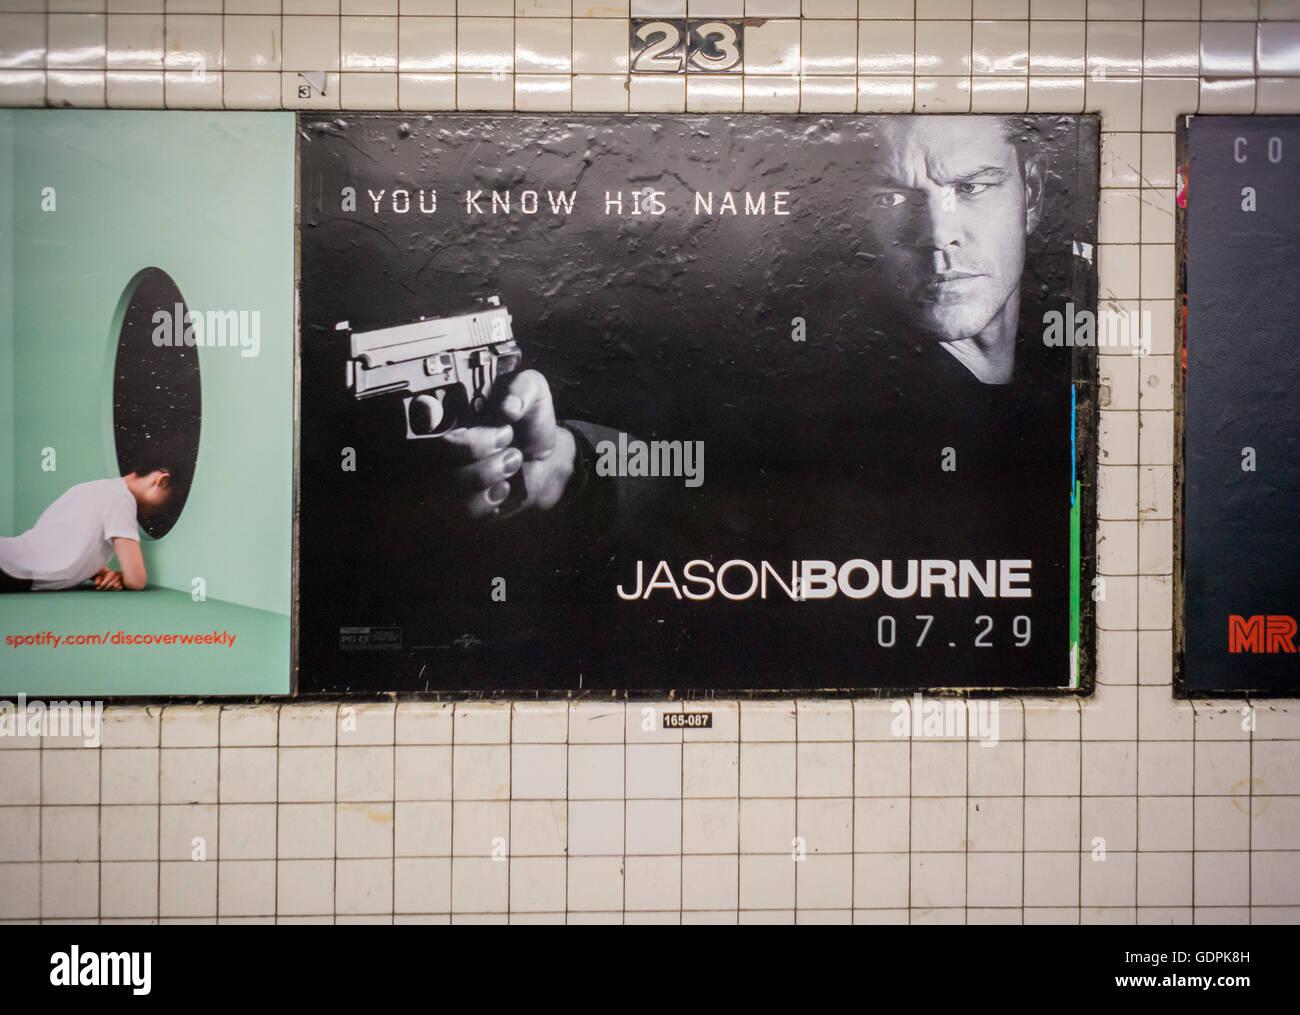 Advertising for the summer blockbuster hit 'Jason Bourne' starring Matt Damon in the New York subway on - Stock Image